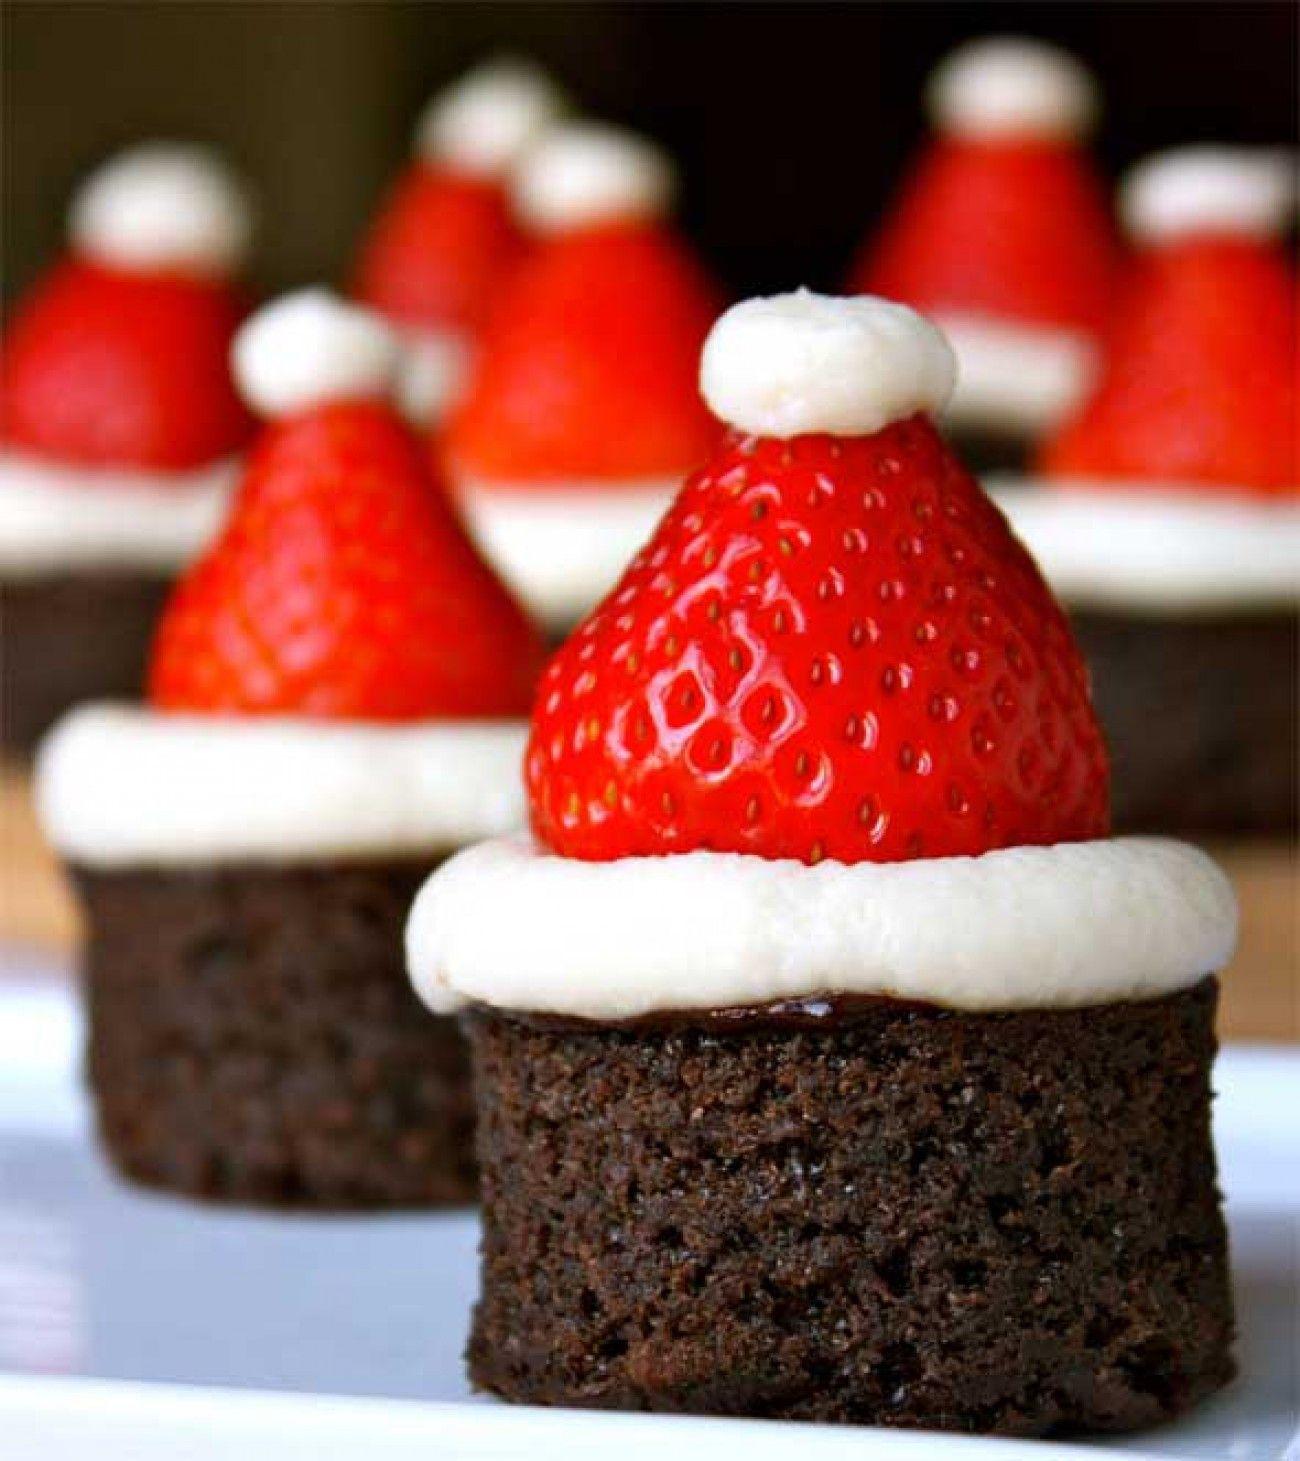 Brownies im Weihnachtsmann-Kostüm. Super Idee für den Nachtisch zu Weihnachten.